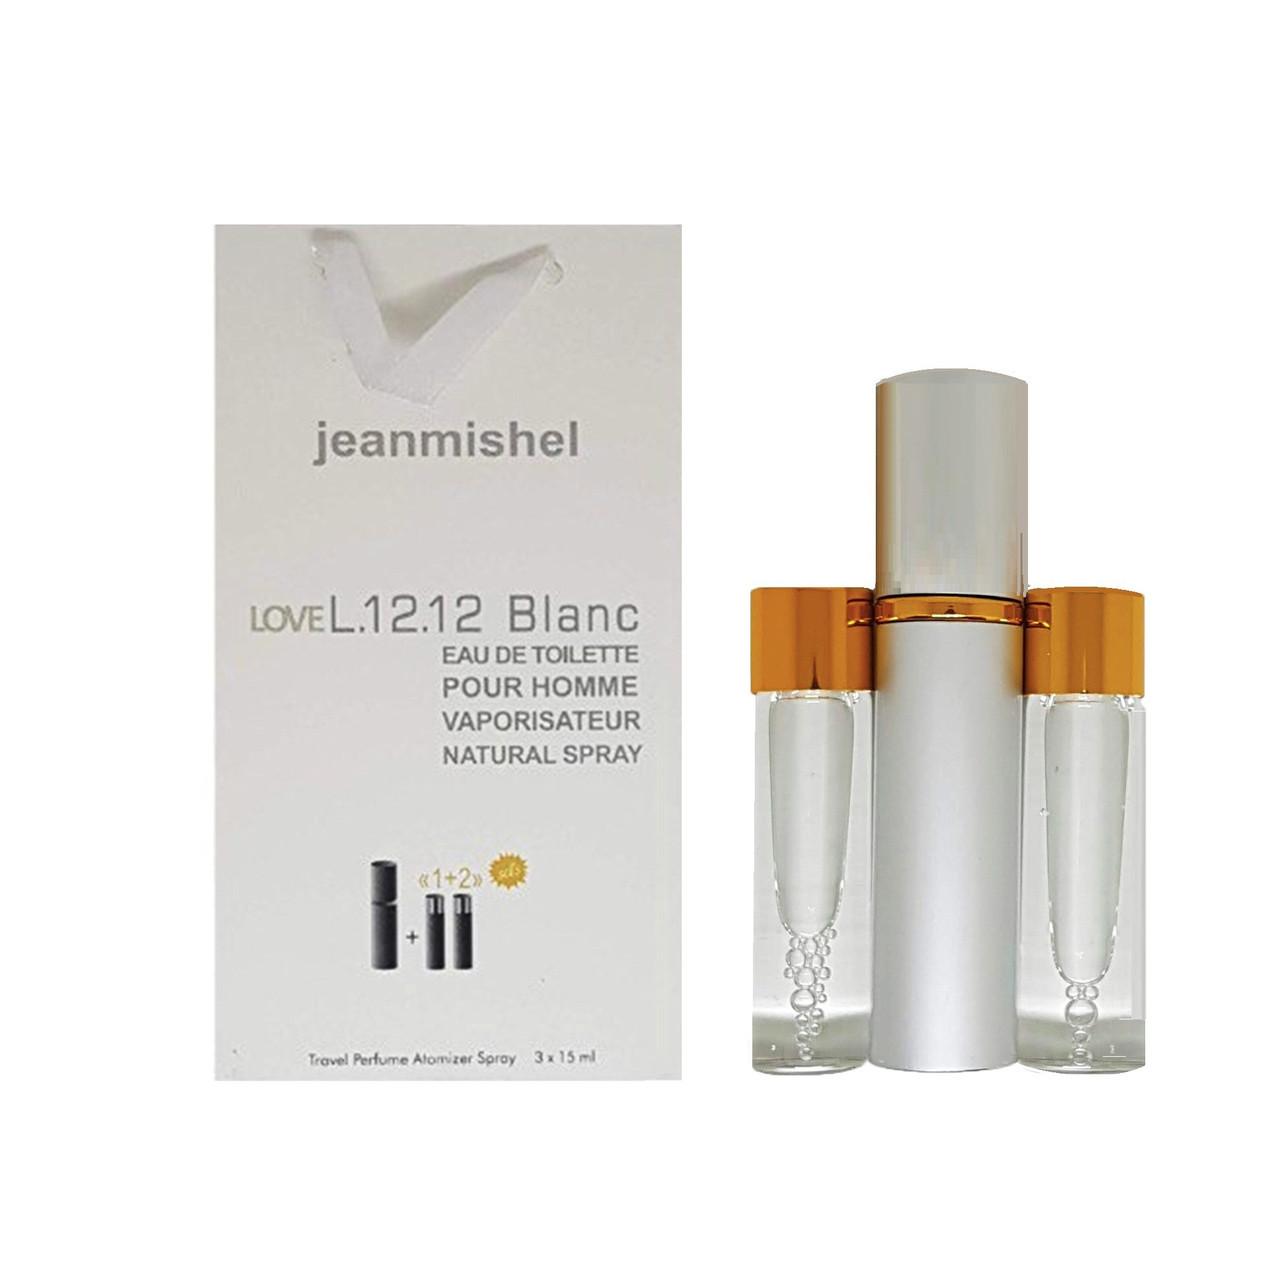 Jeanmishel Love L.12.12 Blanc (87) 3 x 15 ml